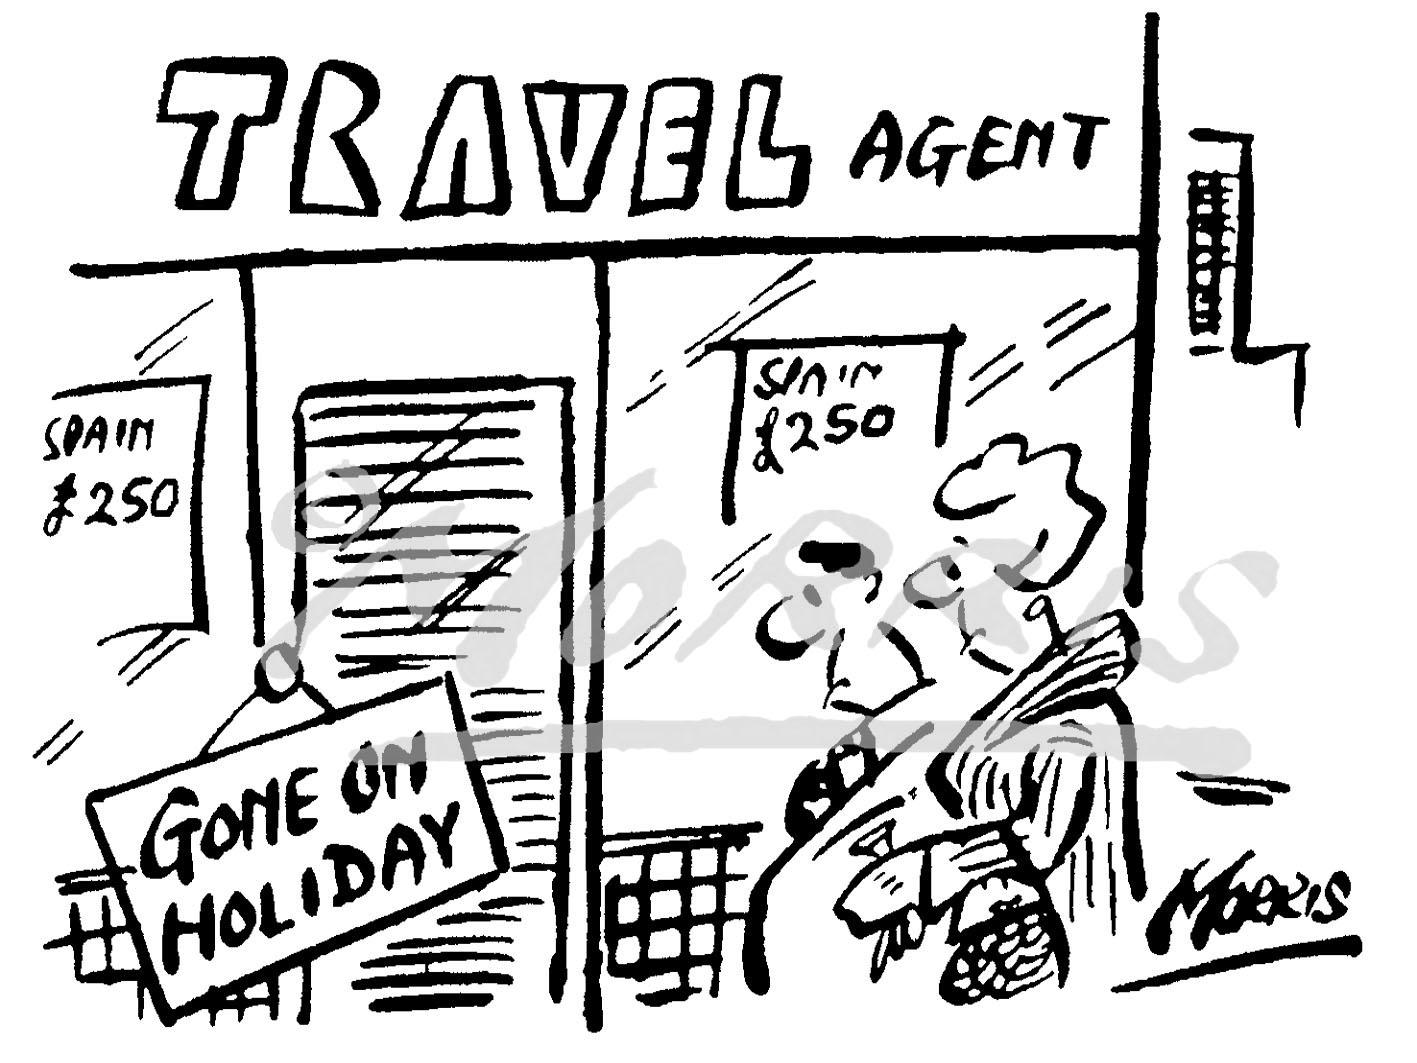 Travel Agent cartoon, Holiday cartoon, Vacation comic